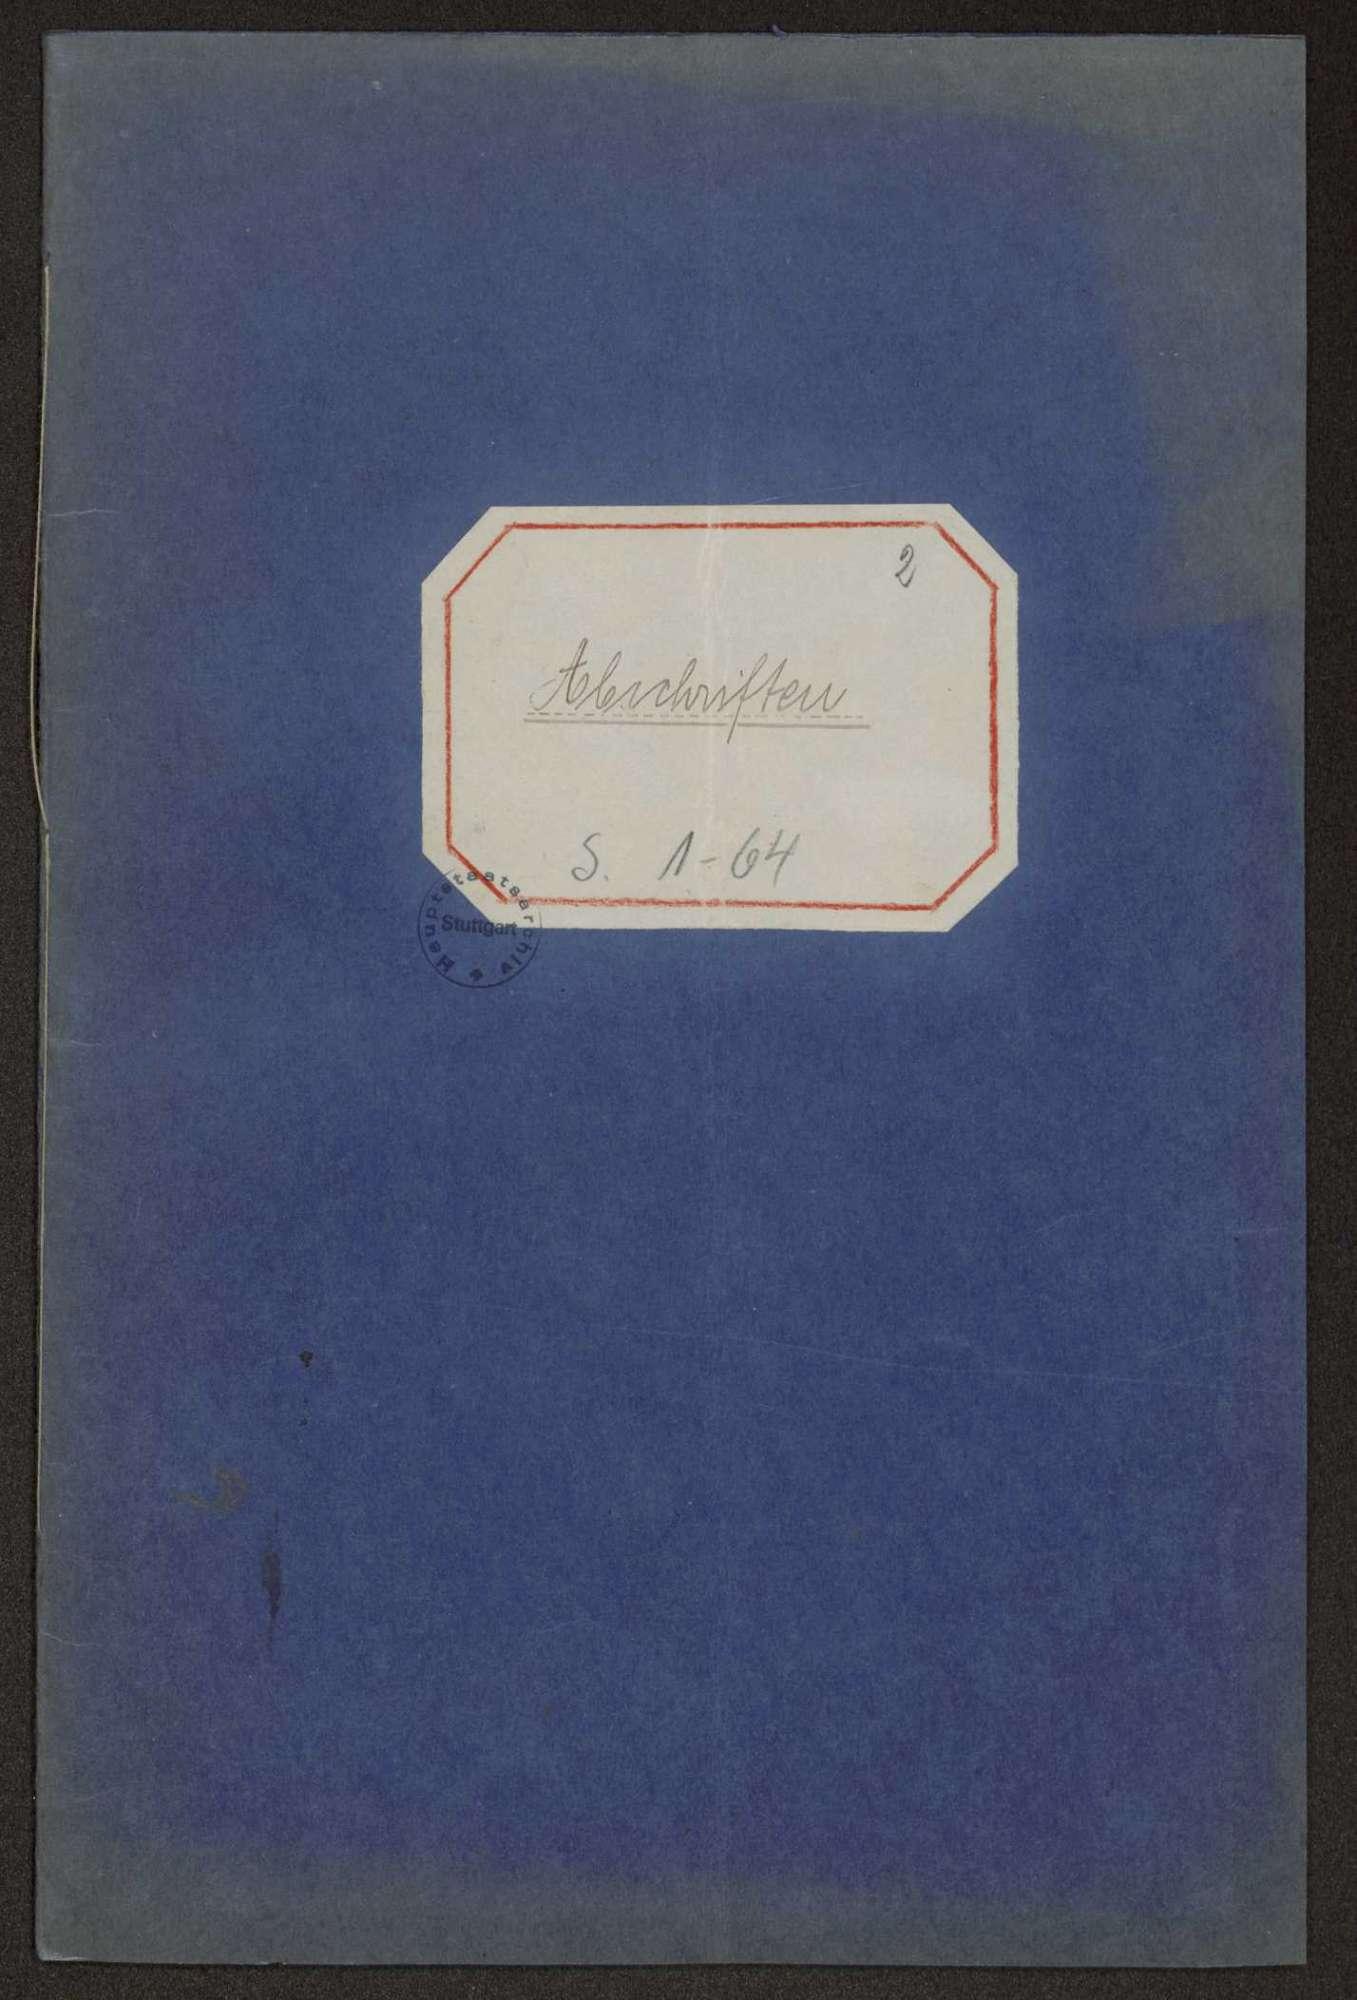 """""""Abschriften""""-Buch des Garnisonrats über die auslaufenden Schriftstücke, Bild 1"""